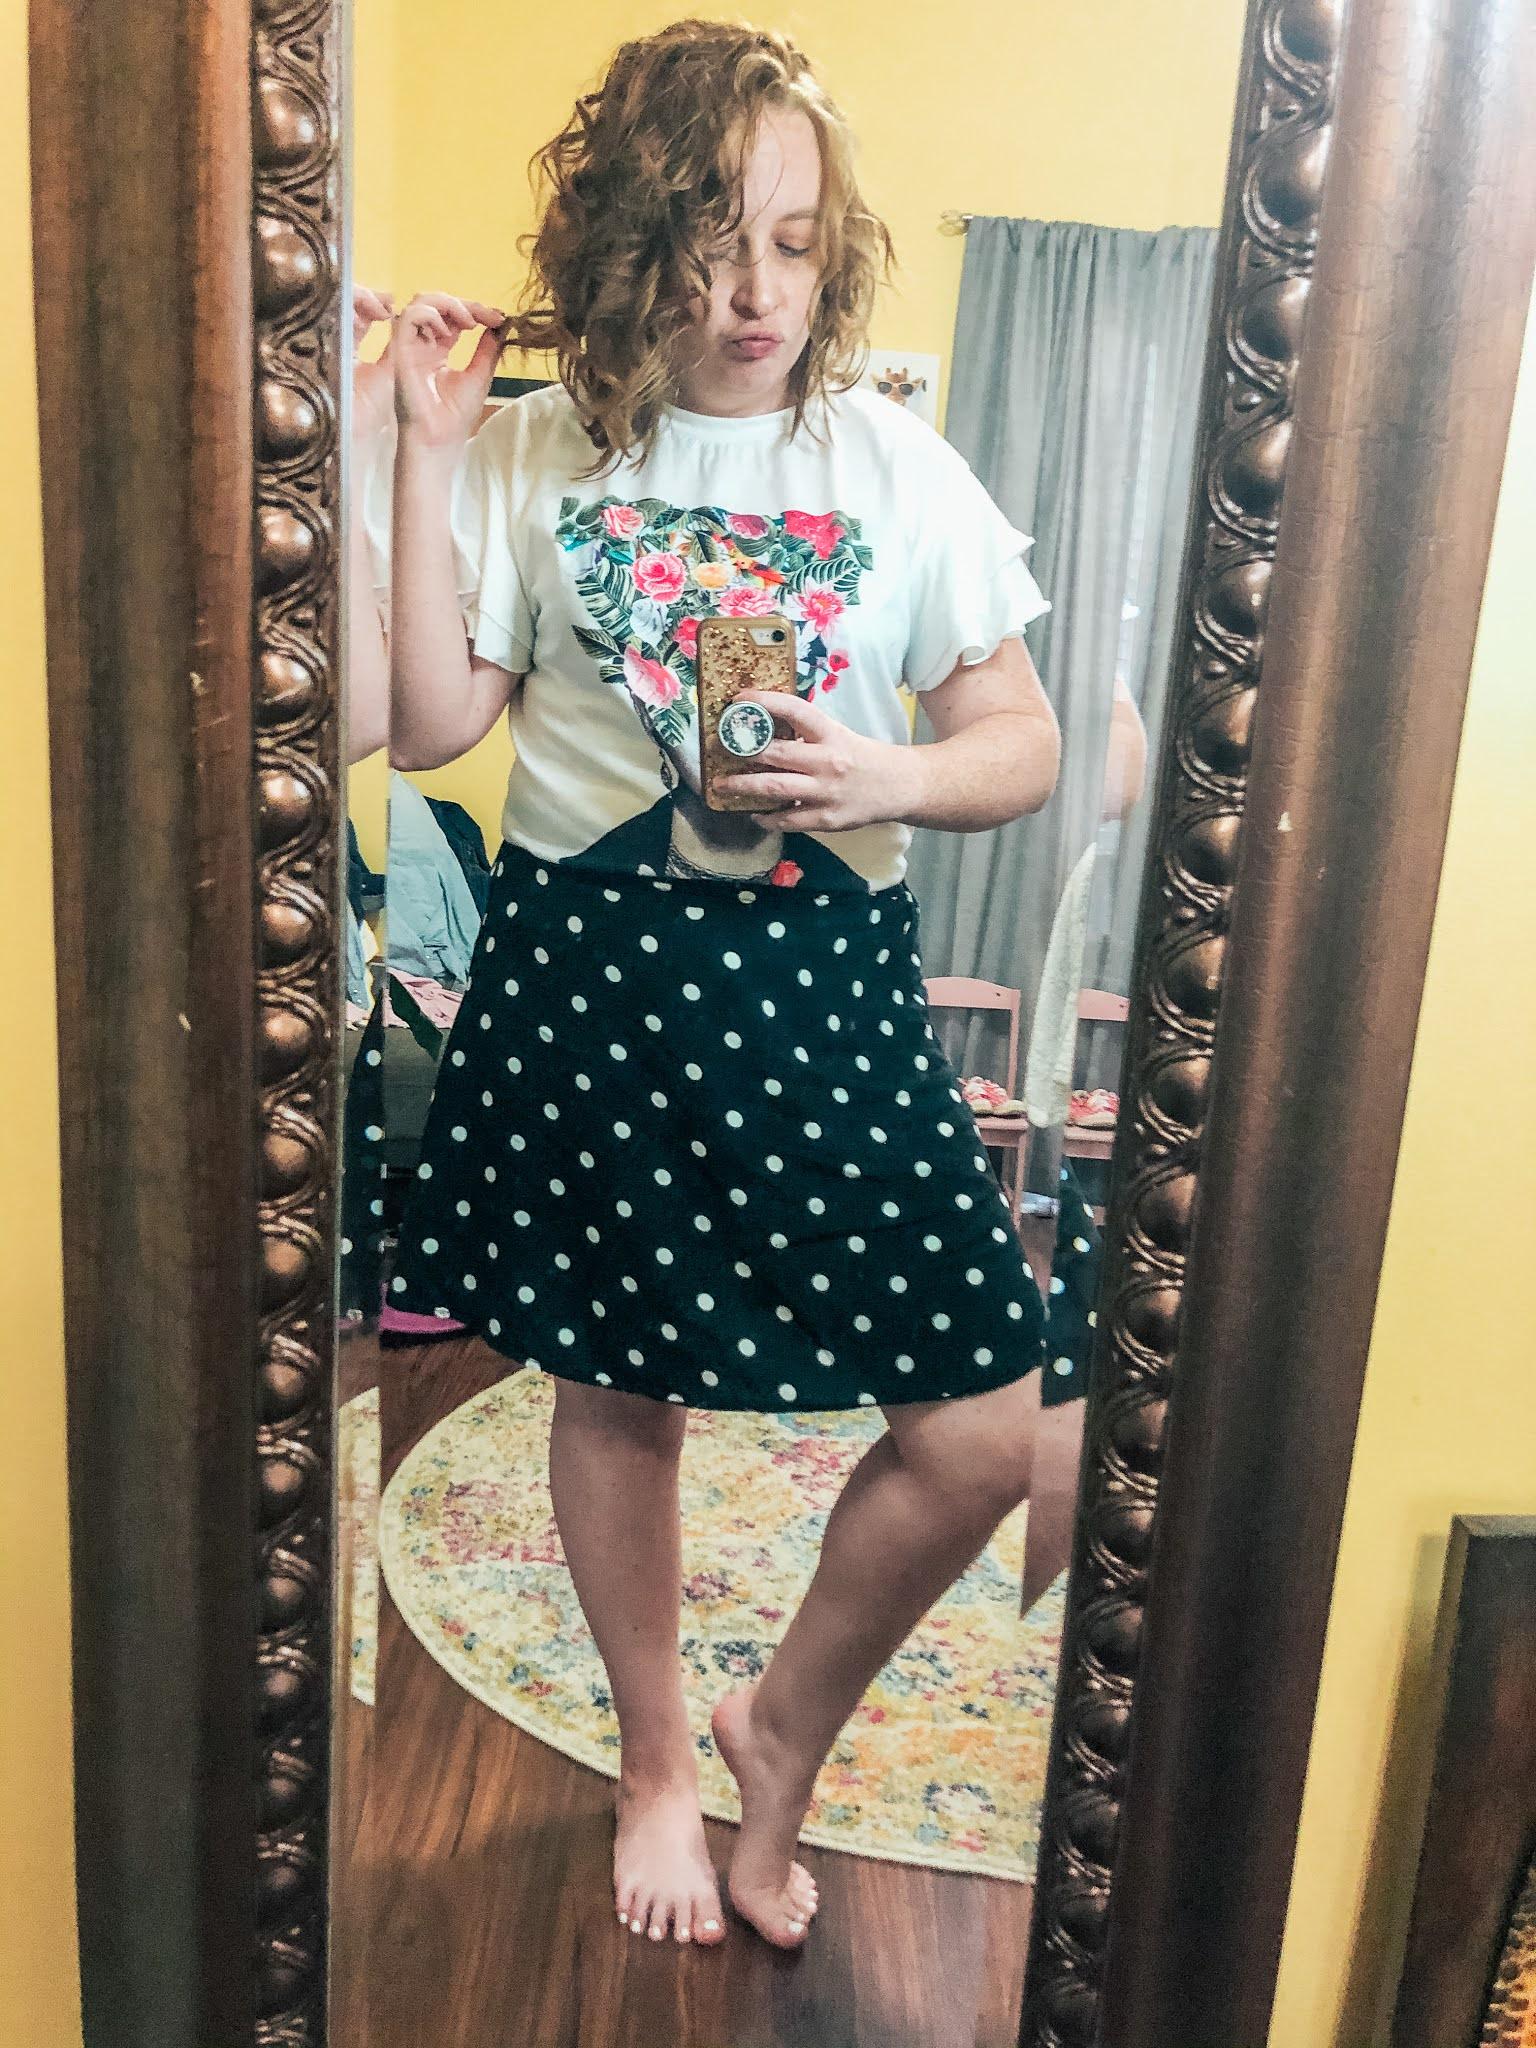 frida-kahlo-flower-shirt-polka-dot-skirt